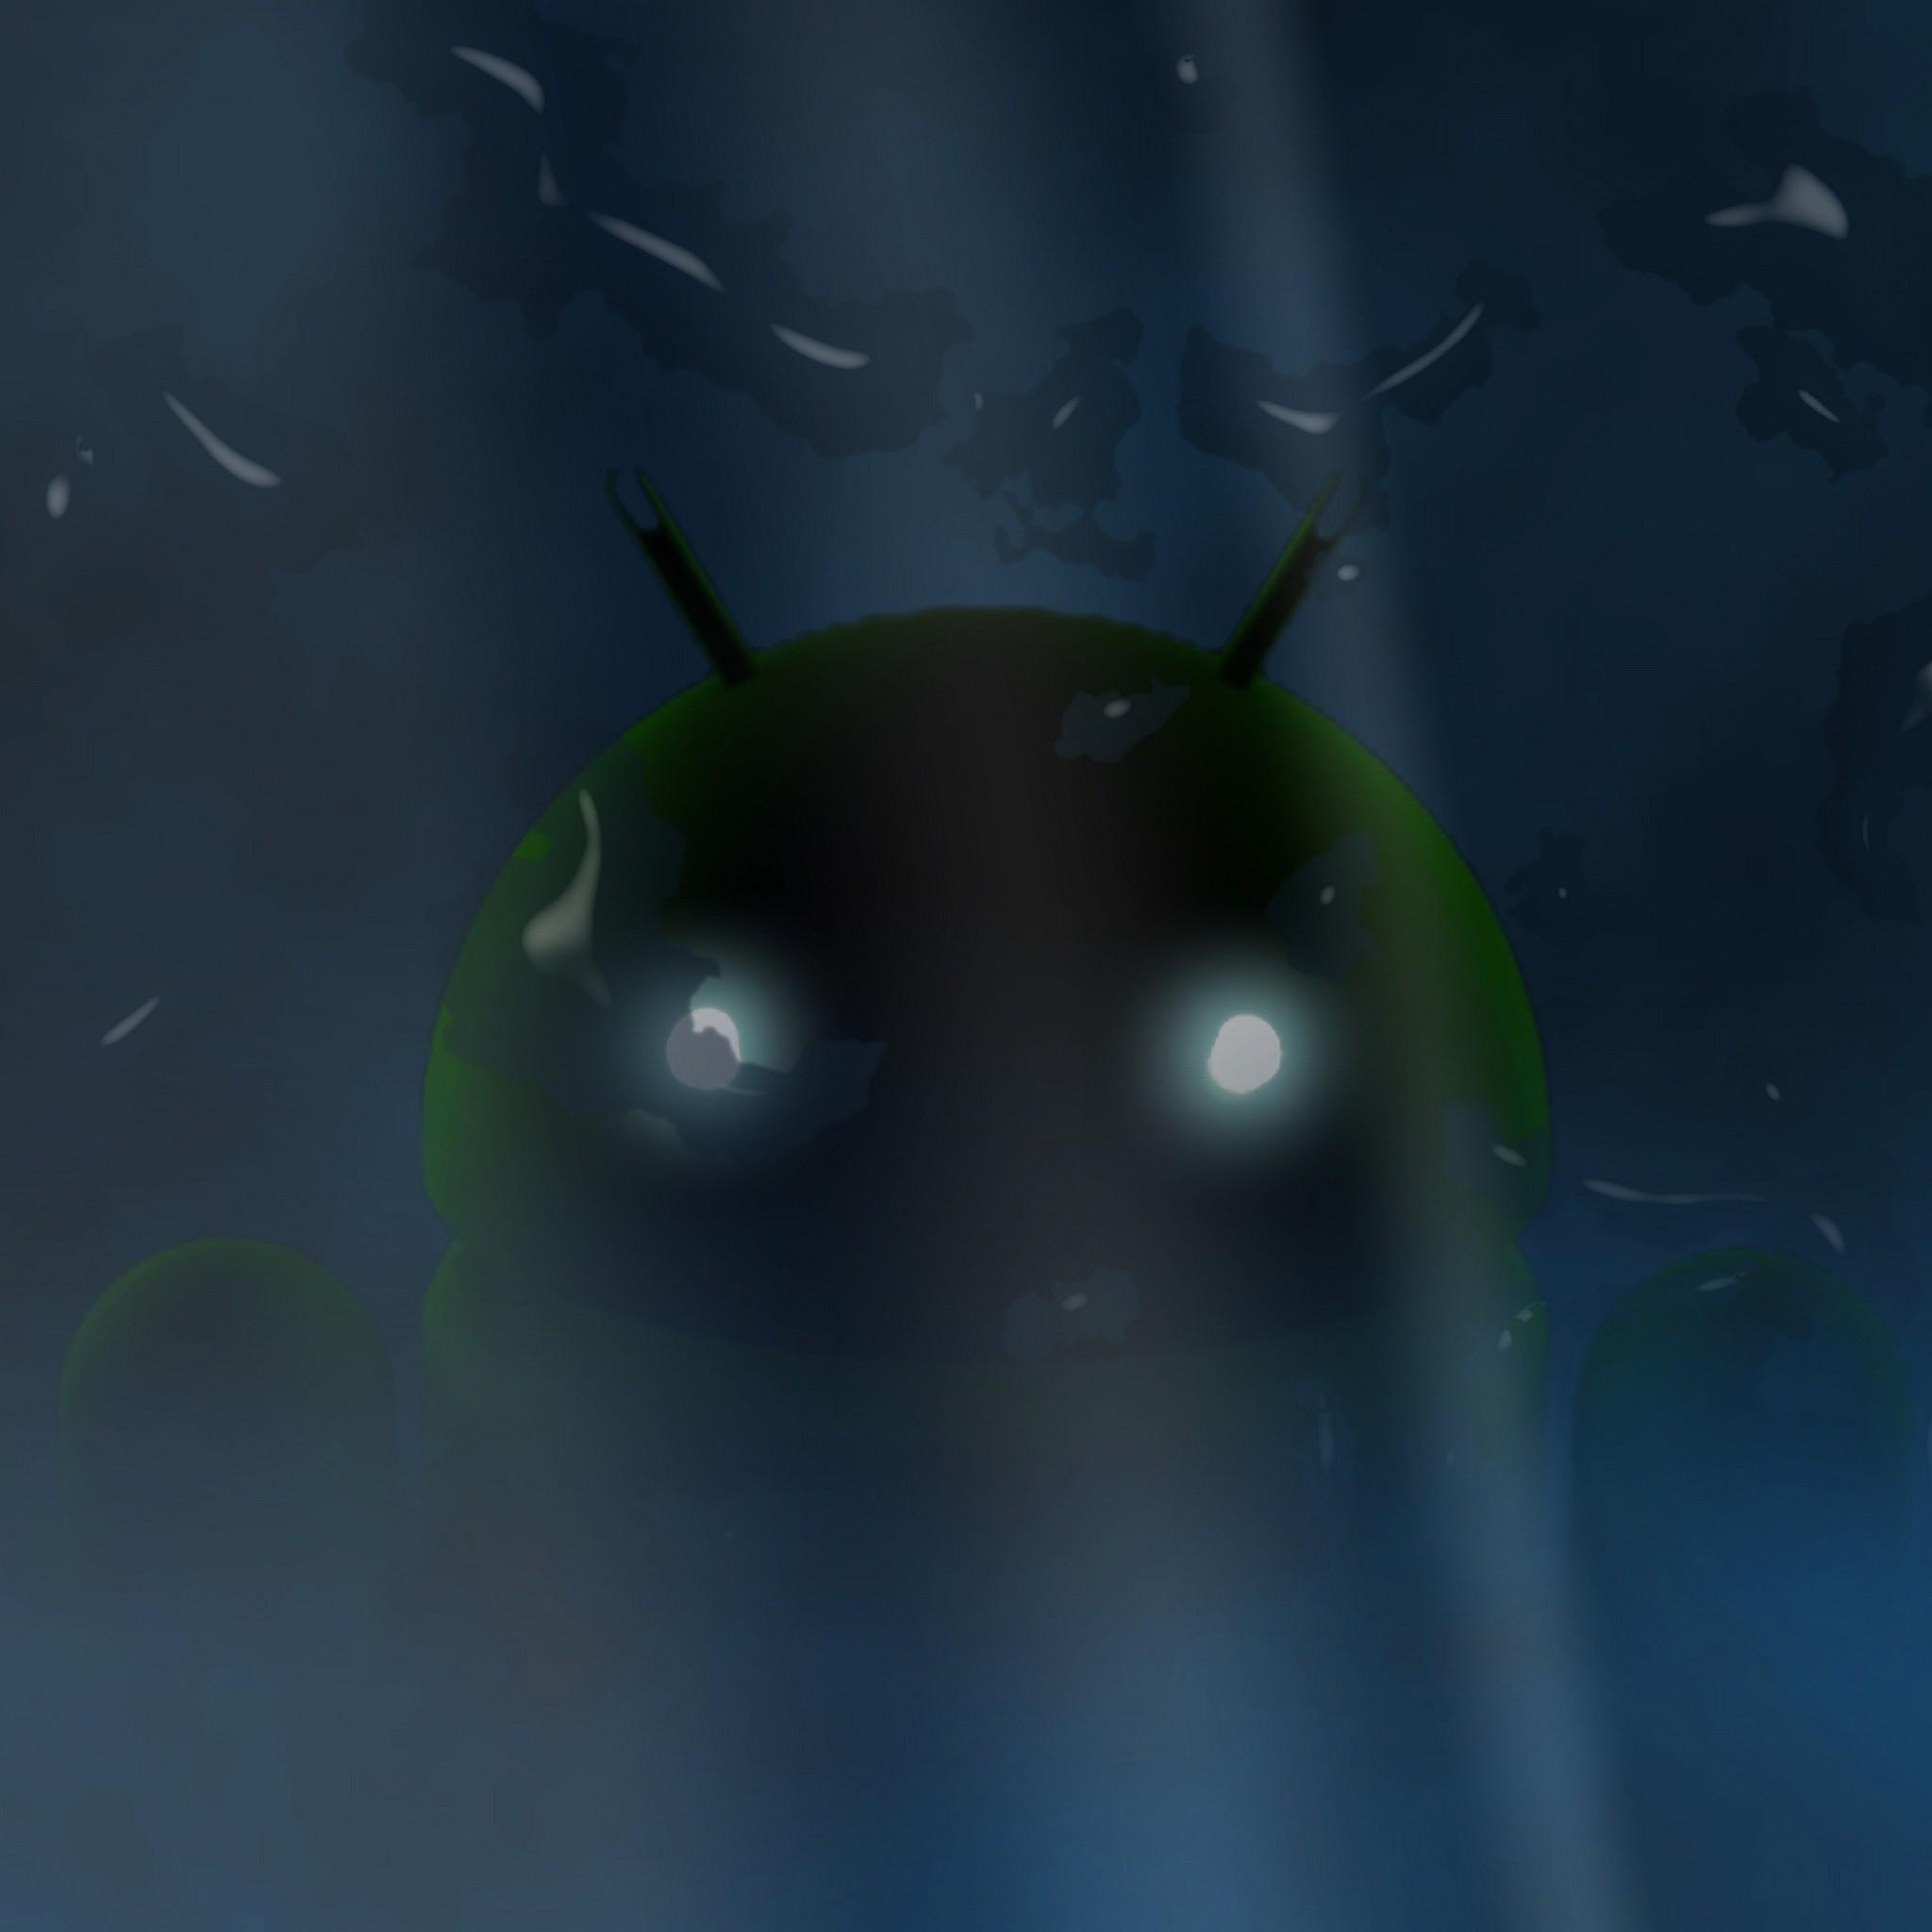 sfondi per android hd 76 immagini